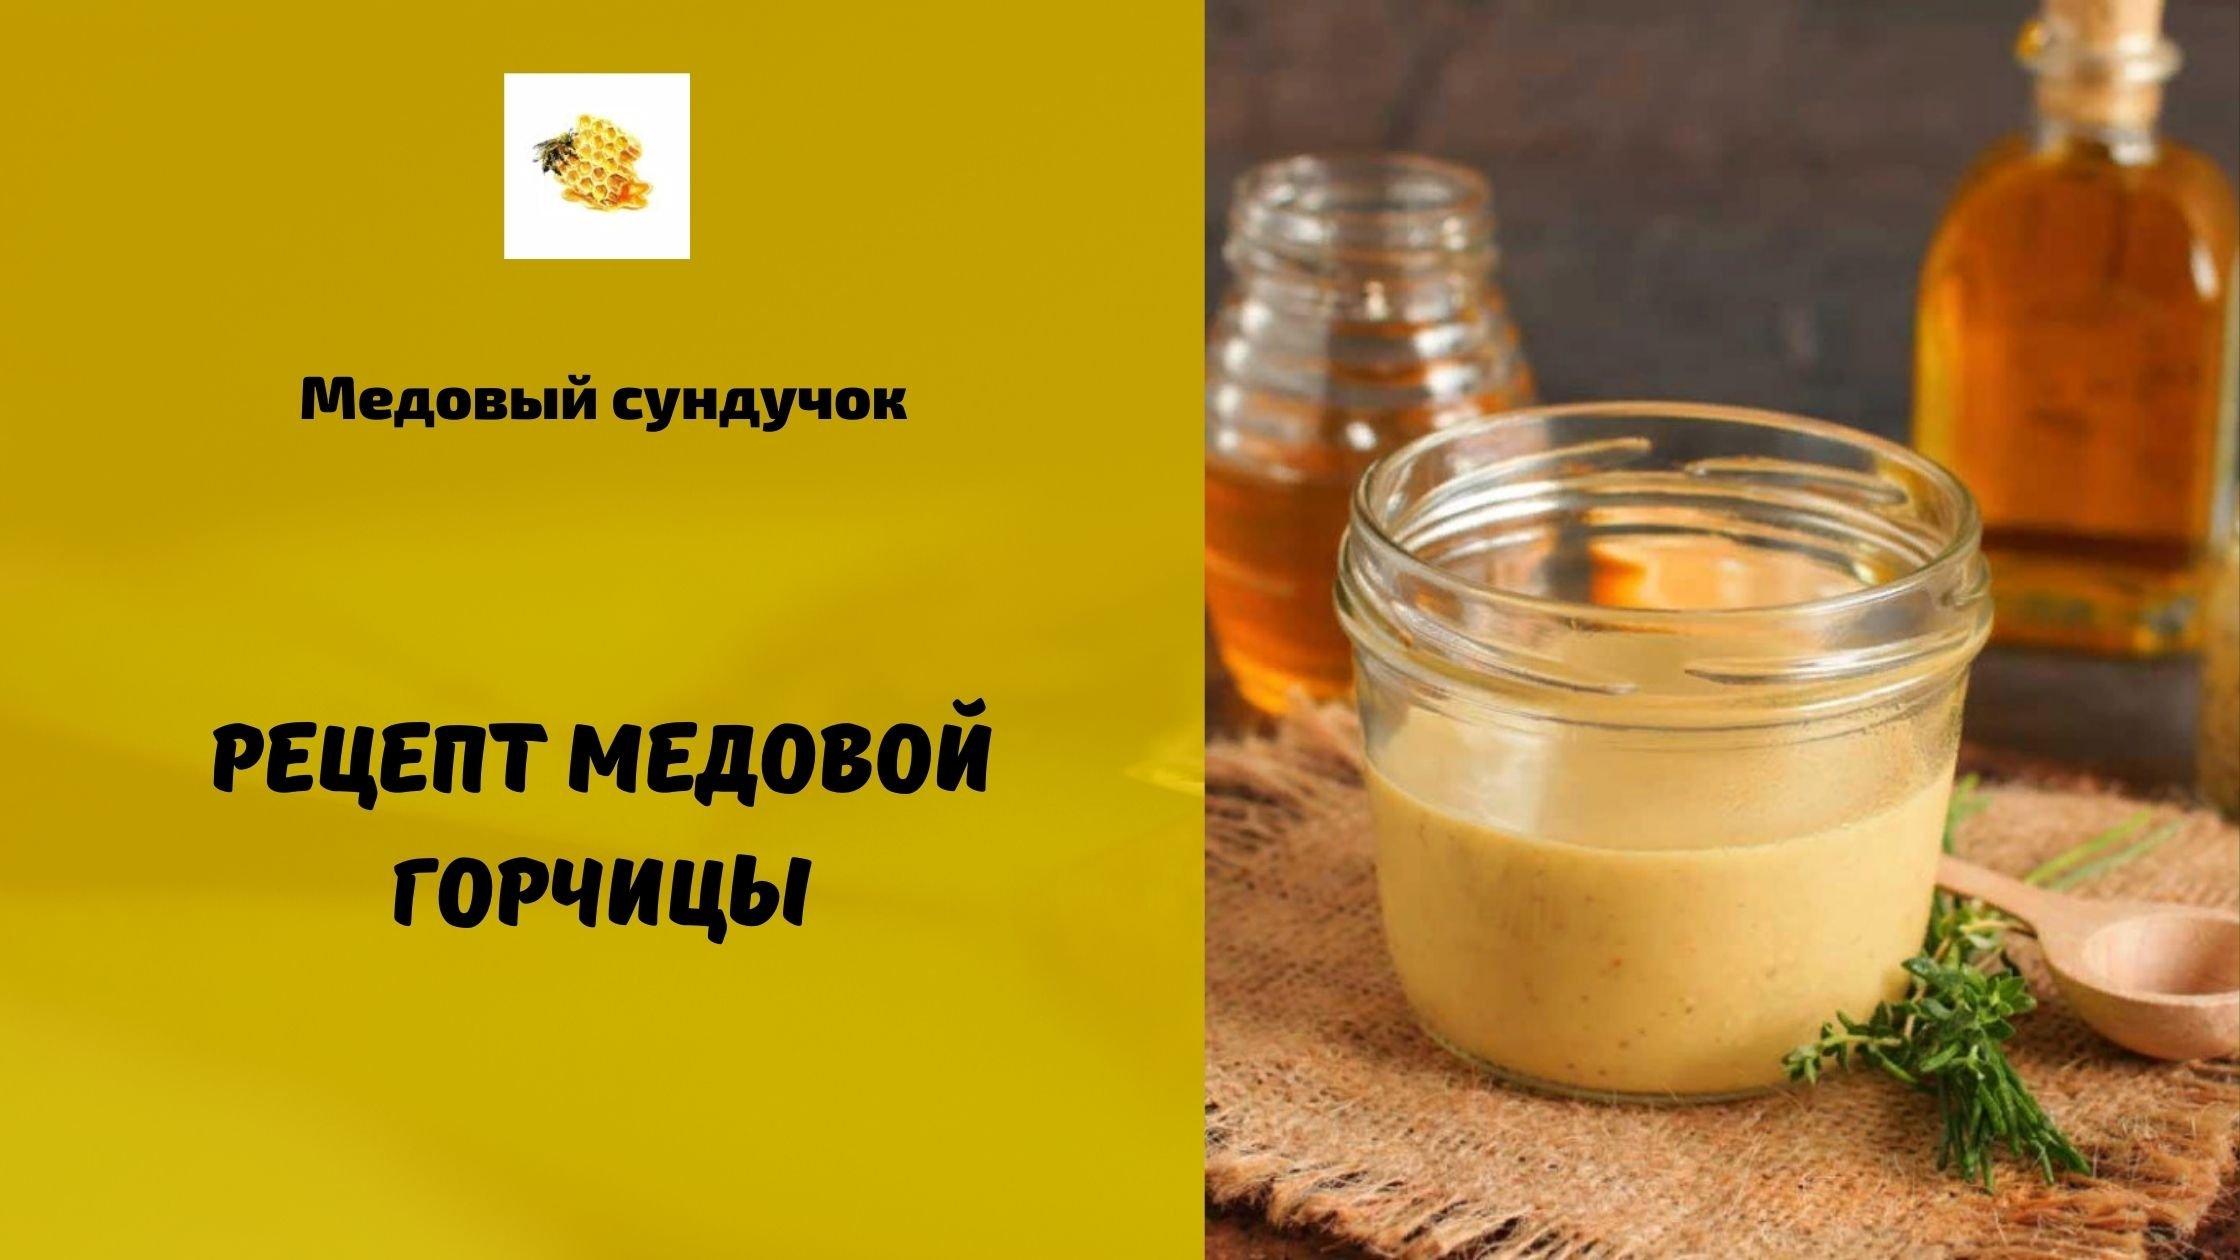 Рецепт медовой горчицы